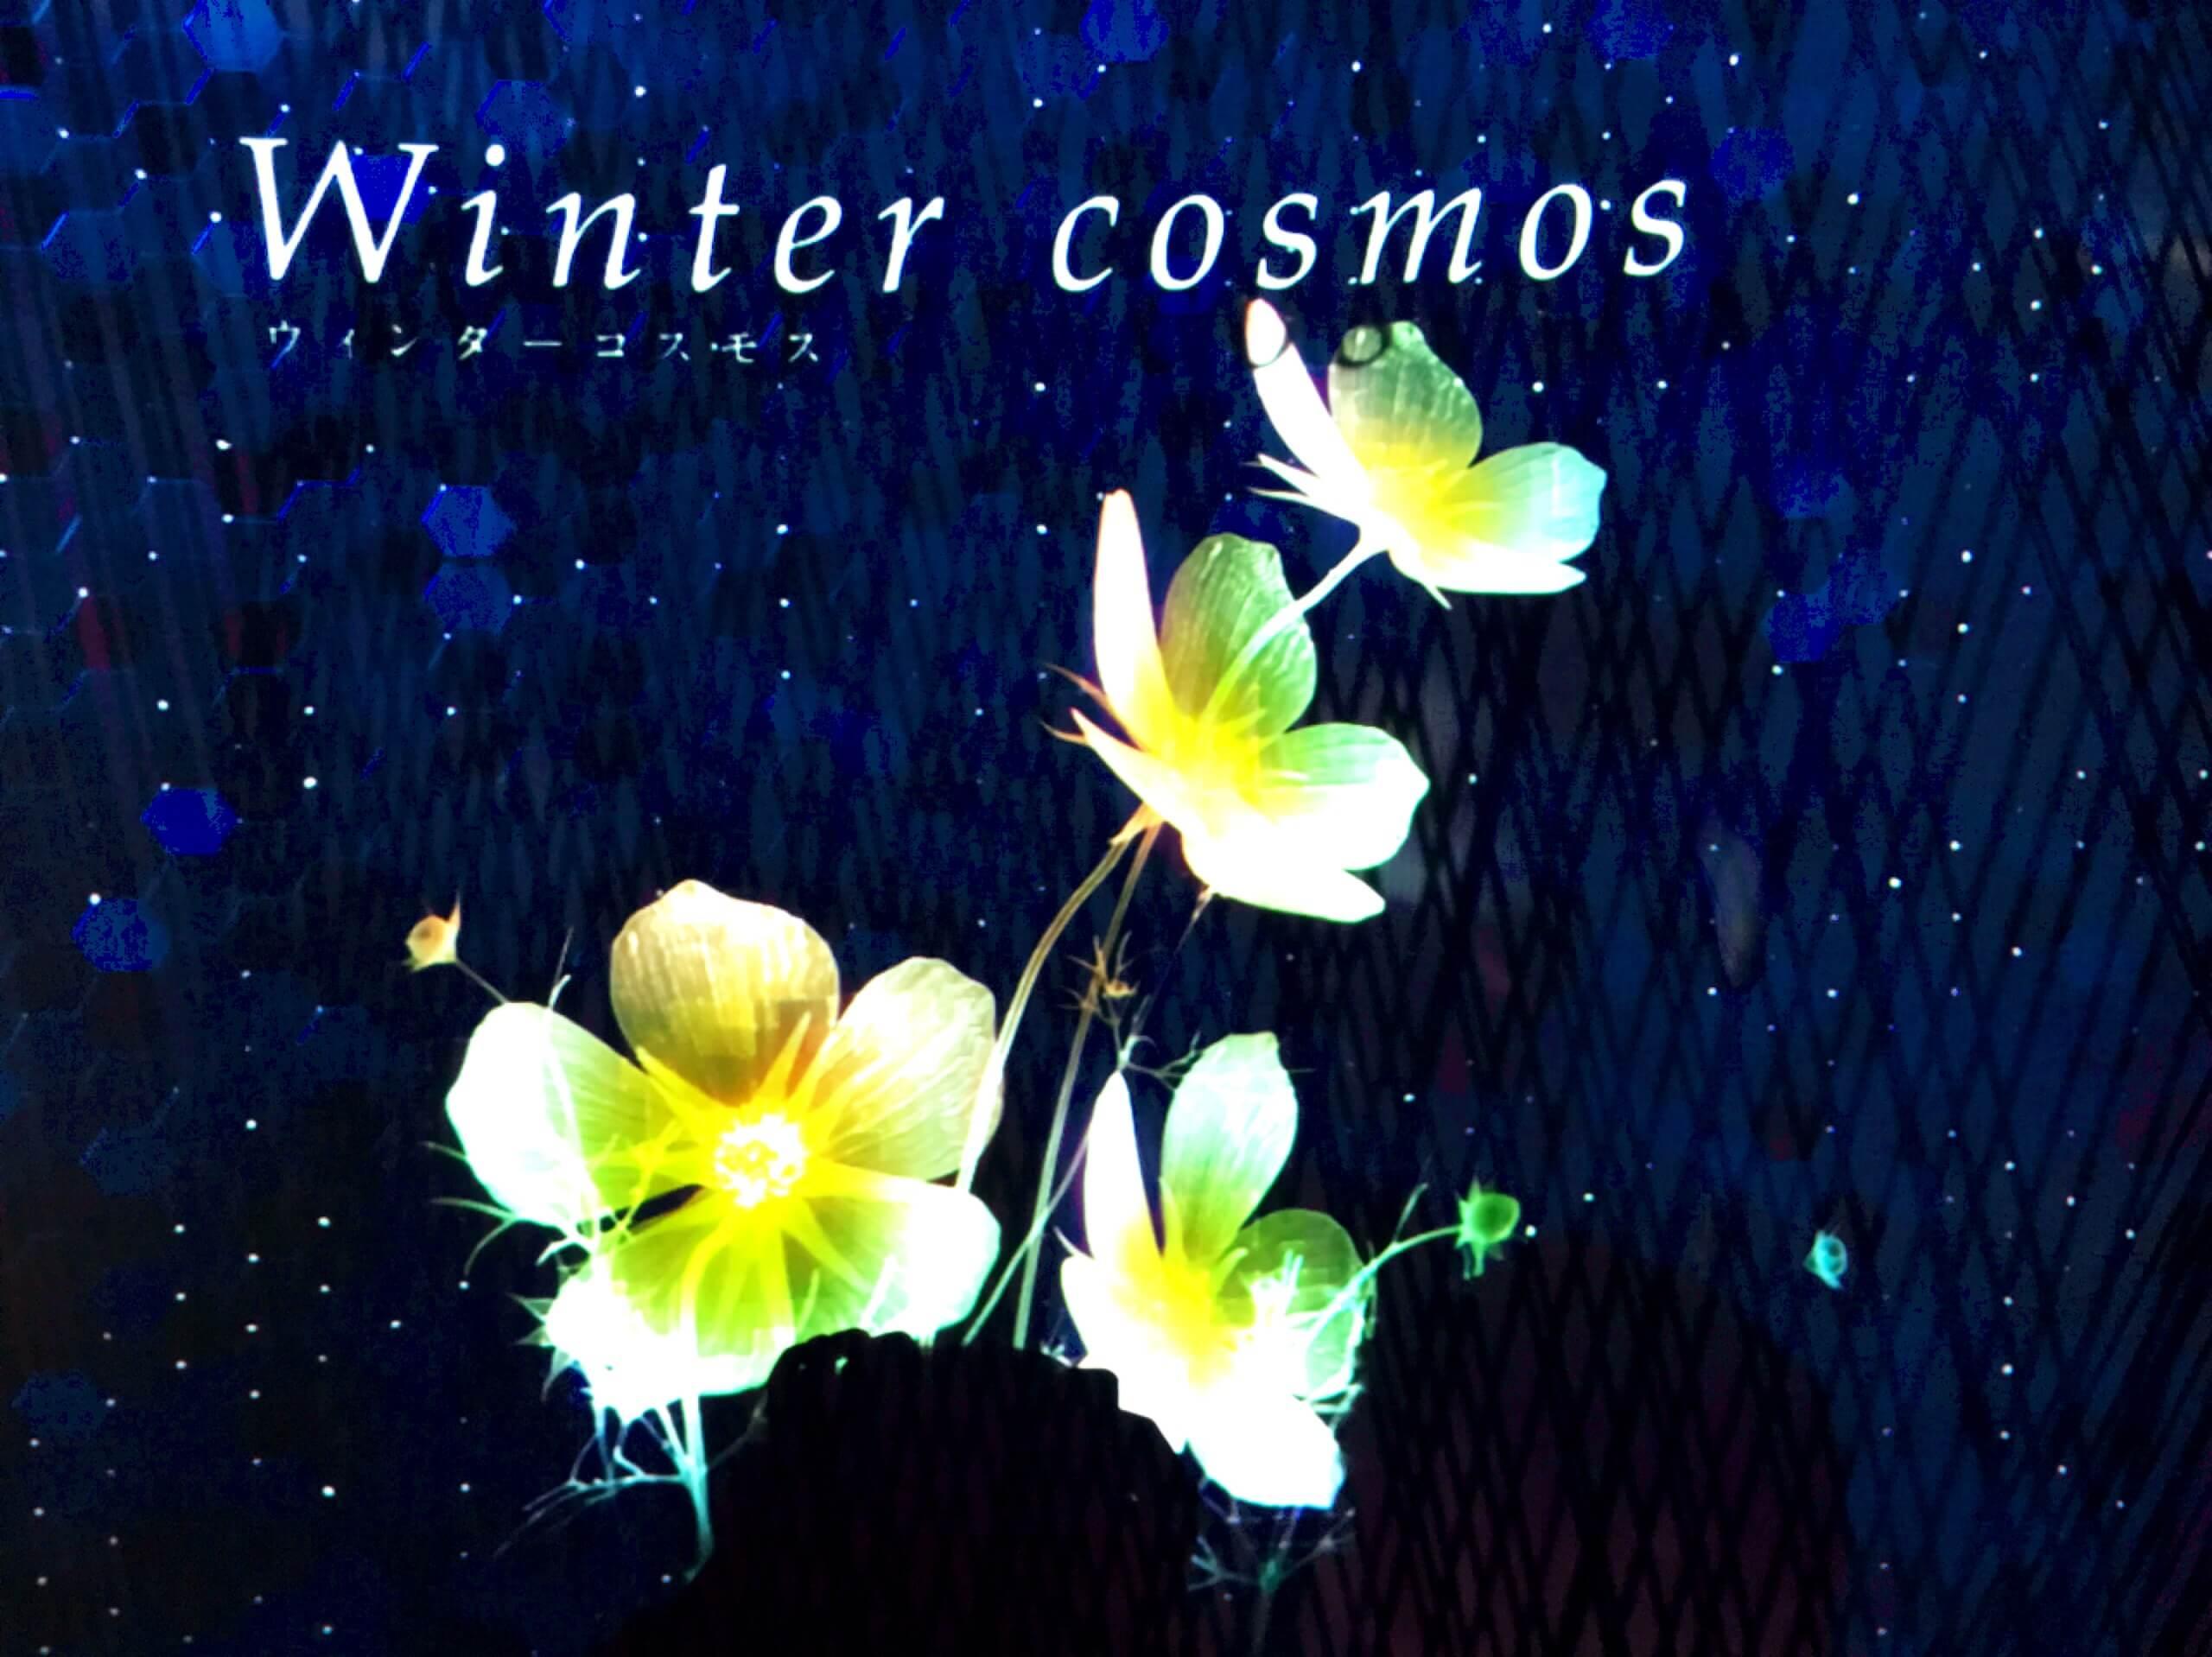 WinterCosmos